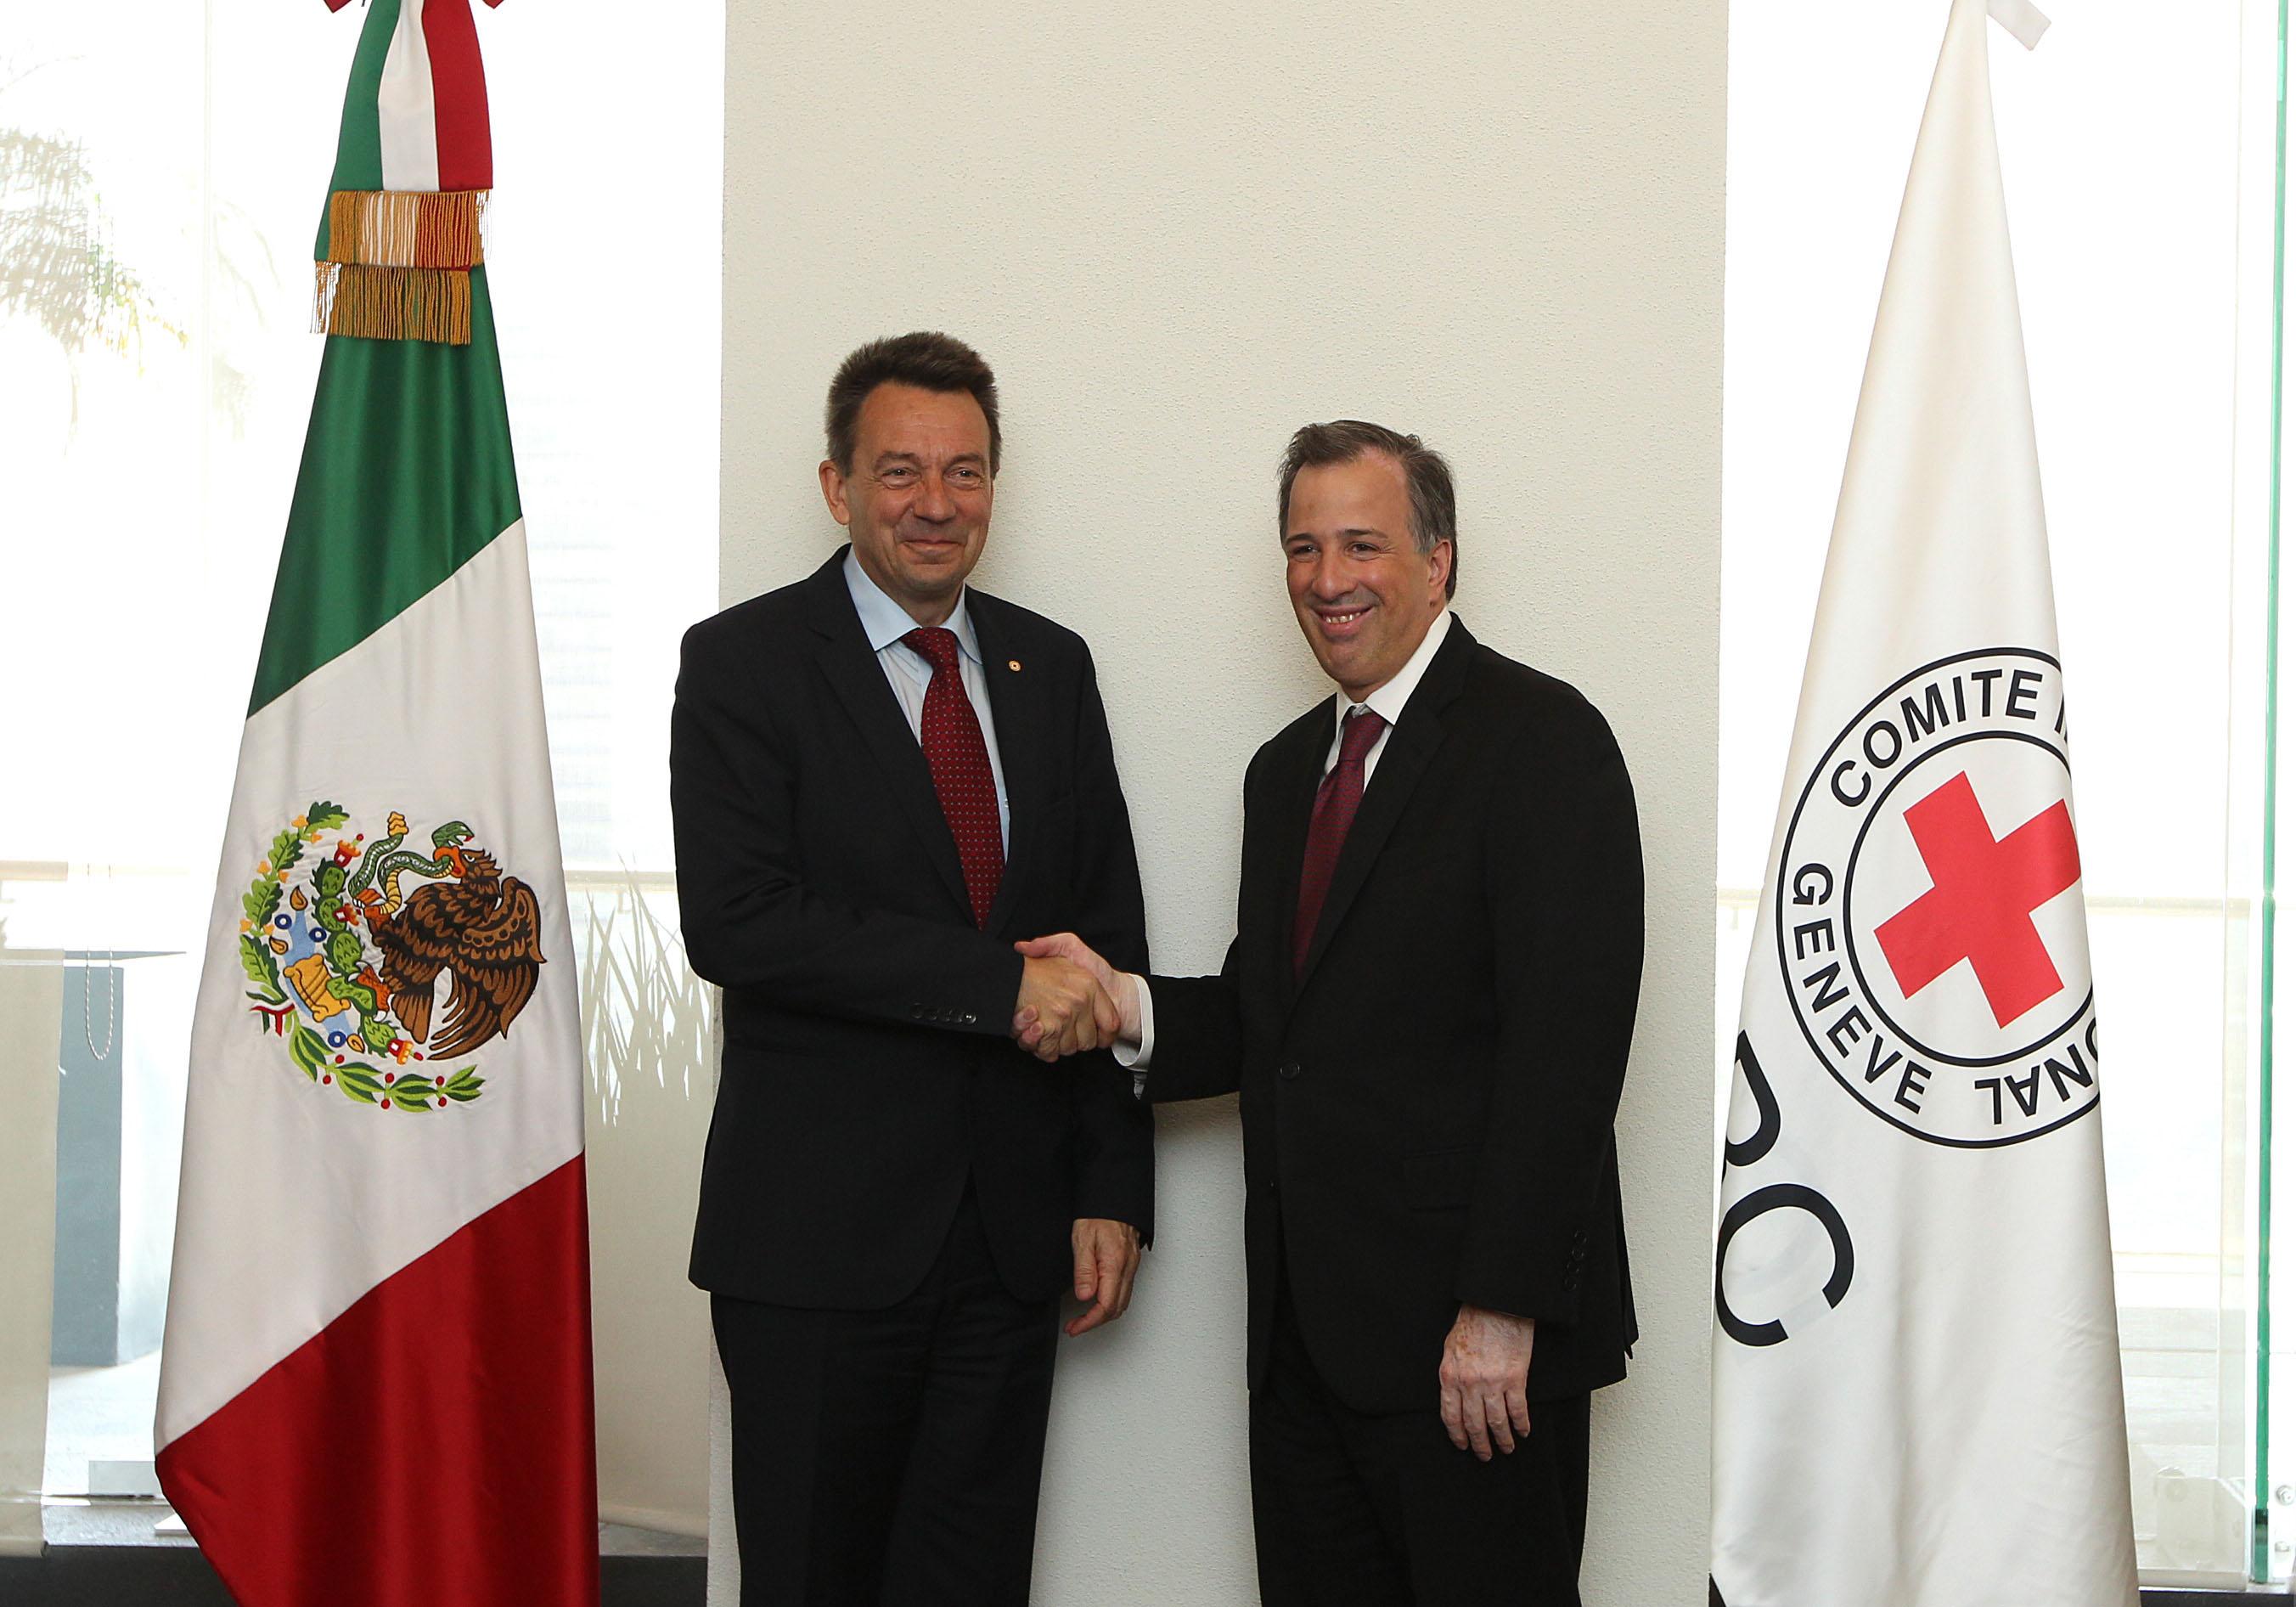 FOTO 1 El canciller Jos  Antonio Meade se reuni  con el presidente del Comit  Internacional de la Cruz Roja  Peter Maurerjpg